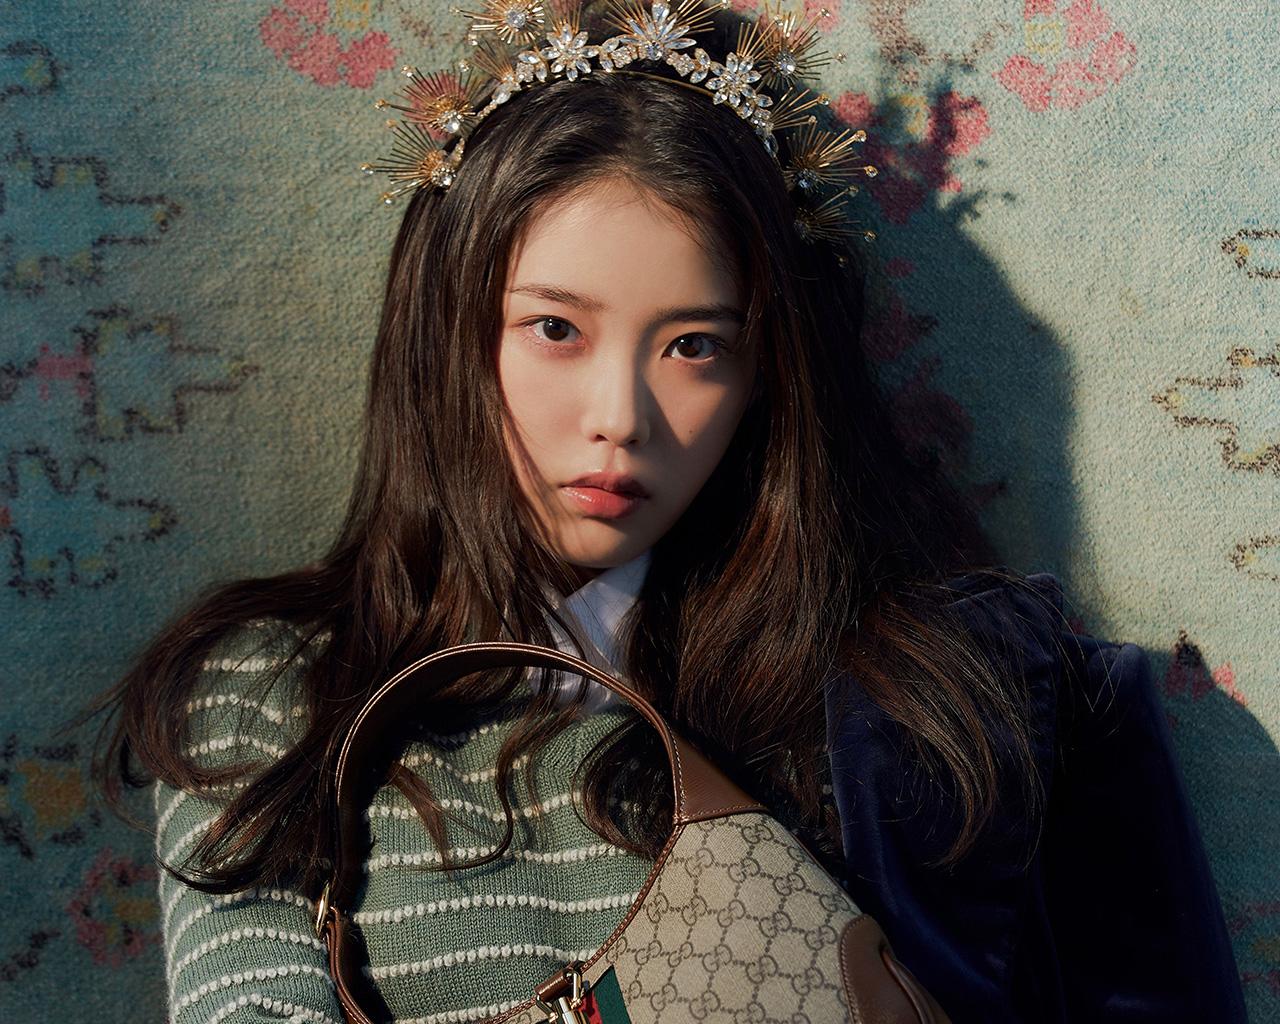 Girl Band Asian Women Korean Brunette Long Hair Hair Ornament Black Eyes 1280x1024